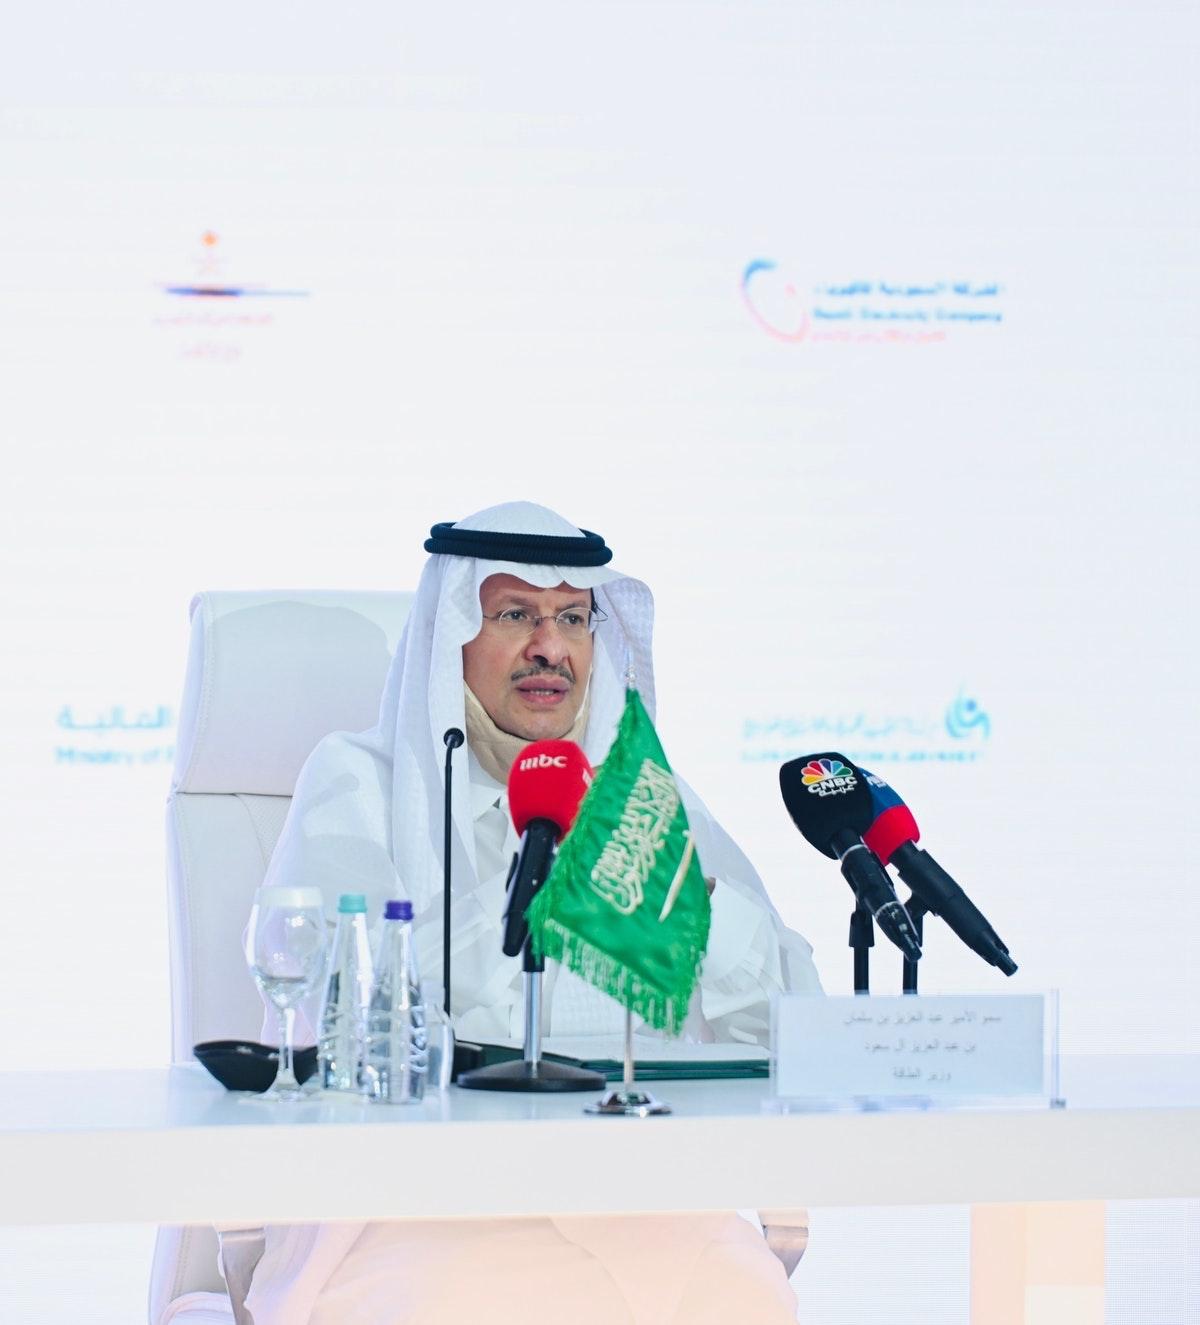 وزير الطاقة السعودي الأمير عبدالعزيز بن سلمان خلال مؤتمر صحافي للإعلان عن إصلاحات هيكلية وتنظيمية ومالية لقطاع الكهرباء - وزارة الطاقة السعودية